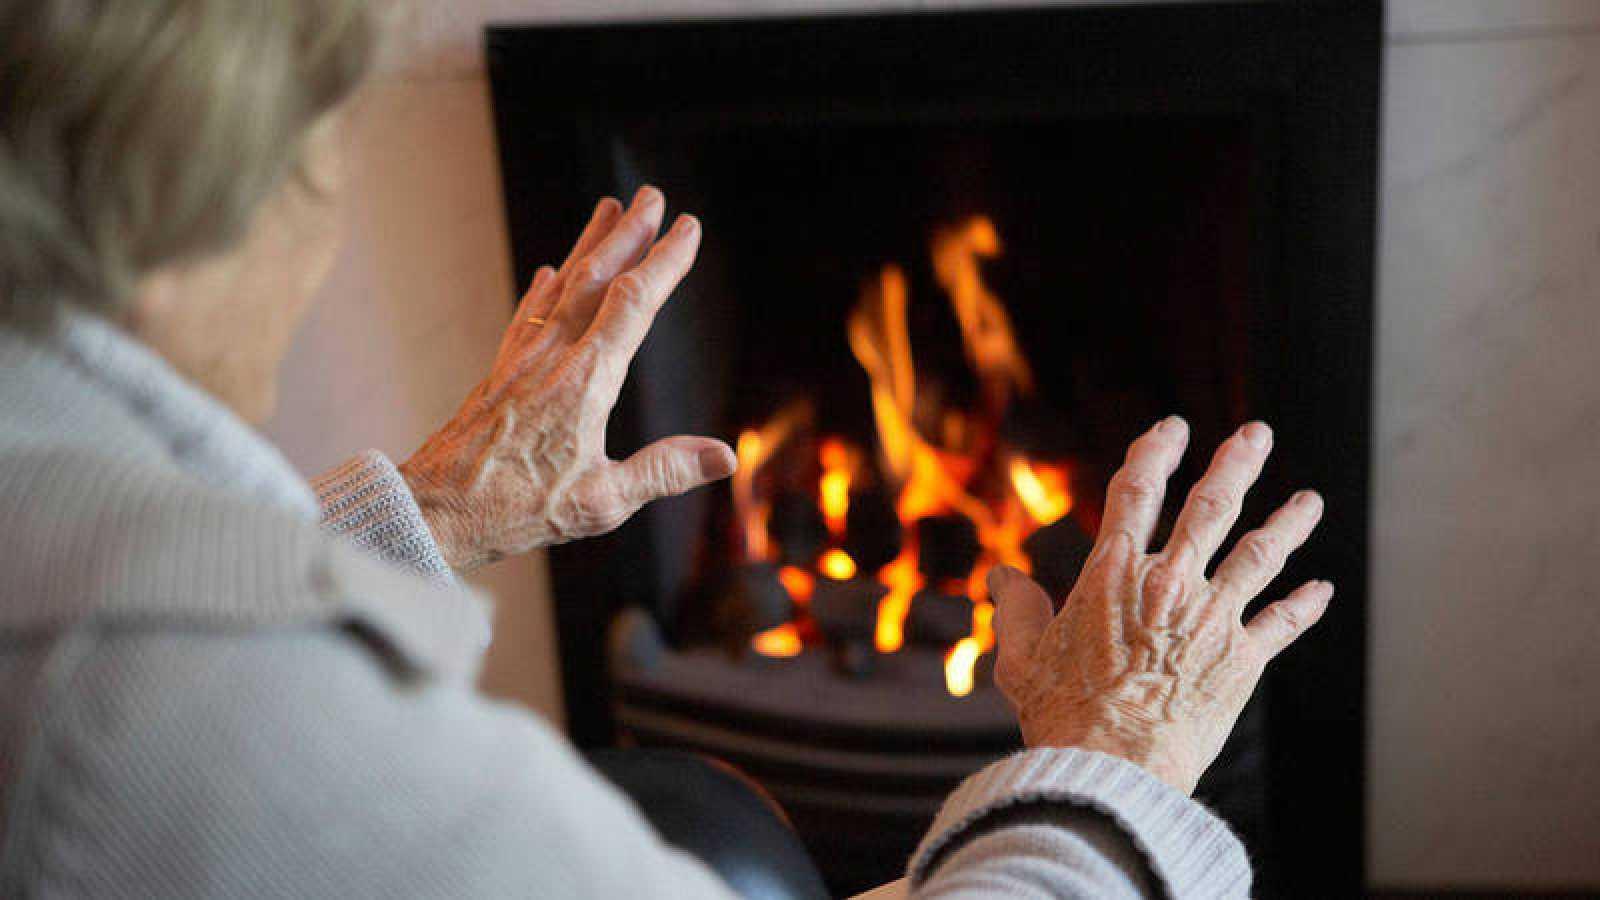 La ACA estima que cerca de cinco millones de personas están en situación de pobreza energética